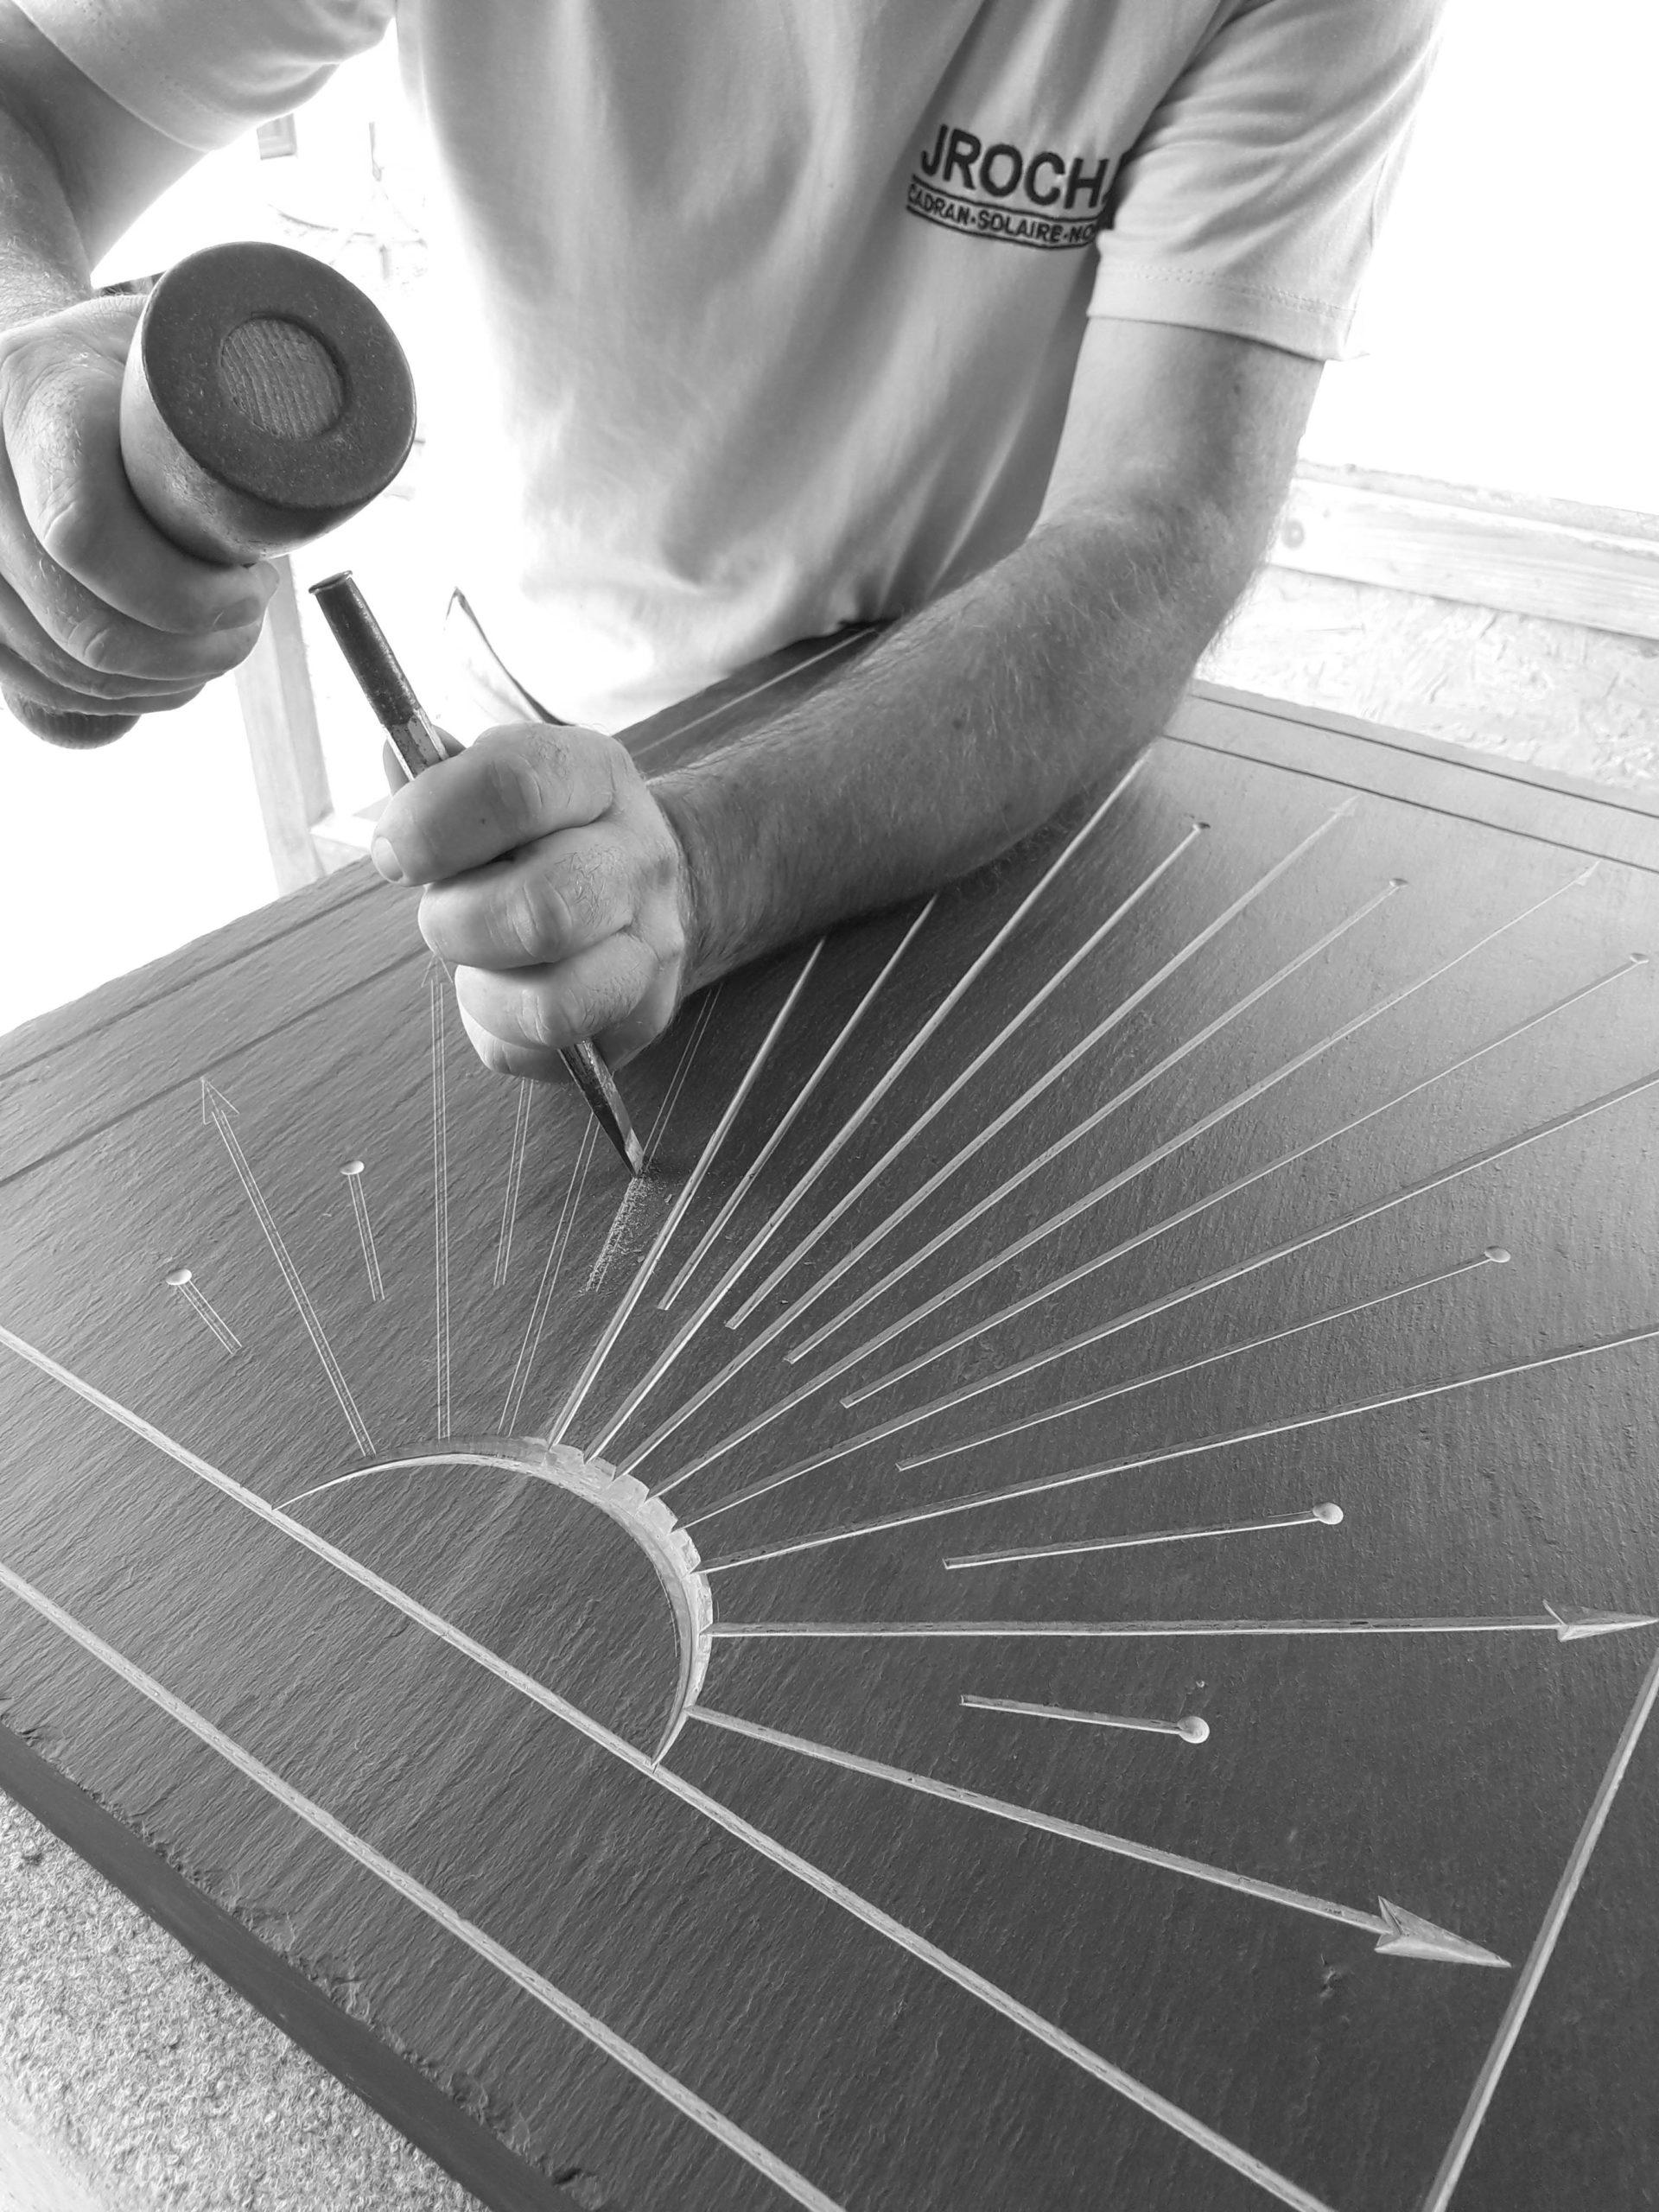 Gravure des heures d'un cadran solaire en pierre d'ardoise